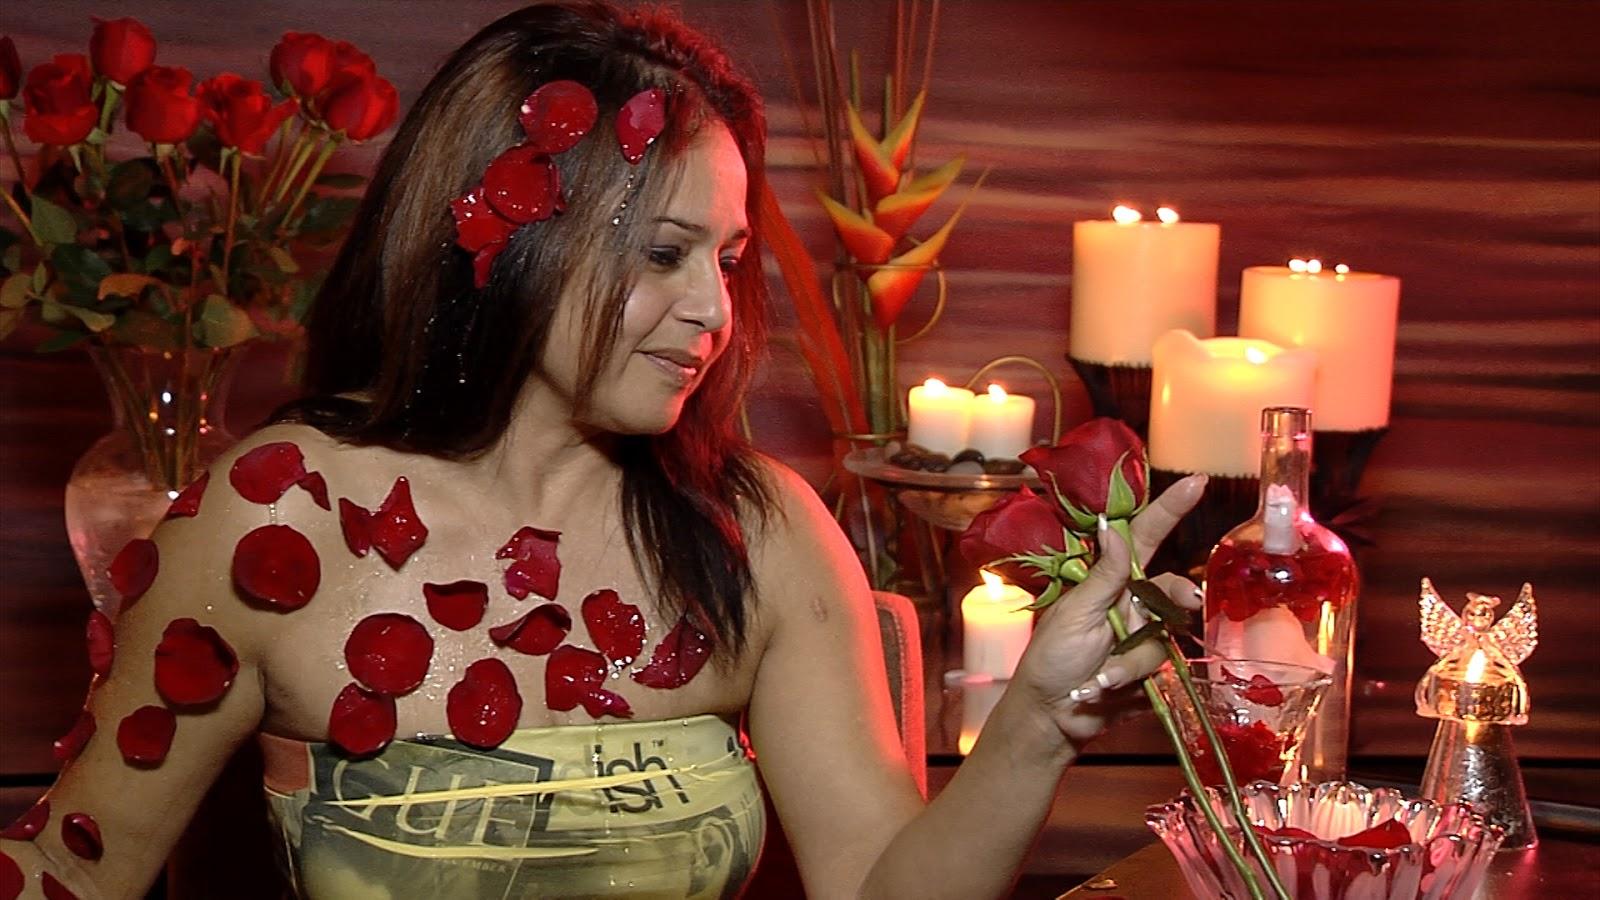 Baño Sencillo Para Atraer El Amor:HechizosPracticos Con Eyda Pena